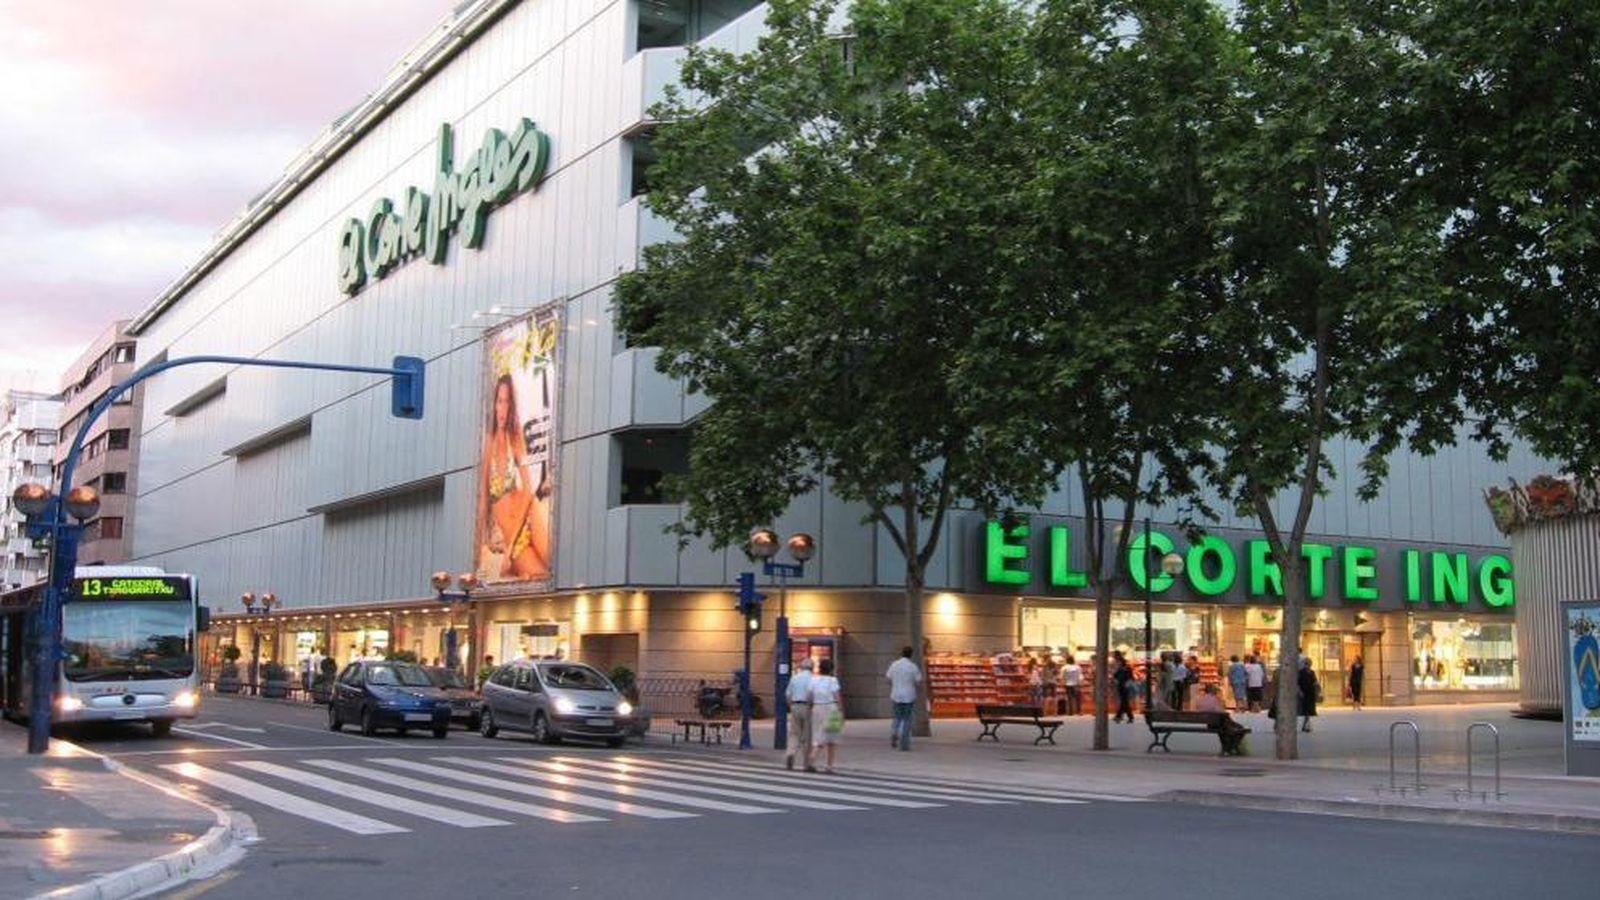 Foto: Exterior de uno de los centros comerciales El Corte Inglés.